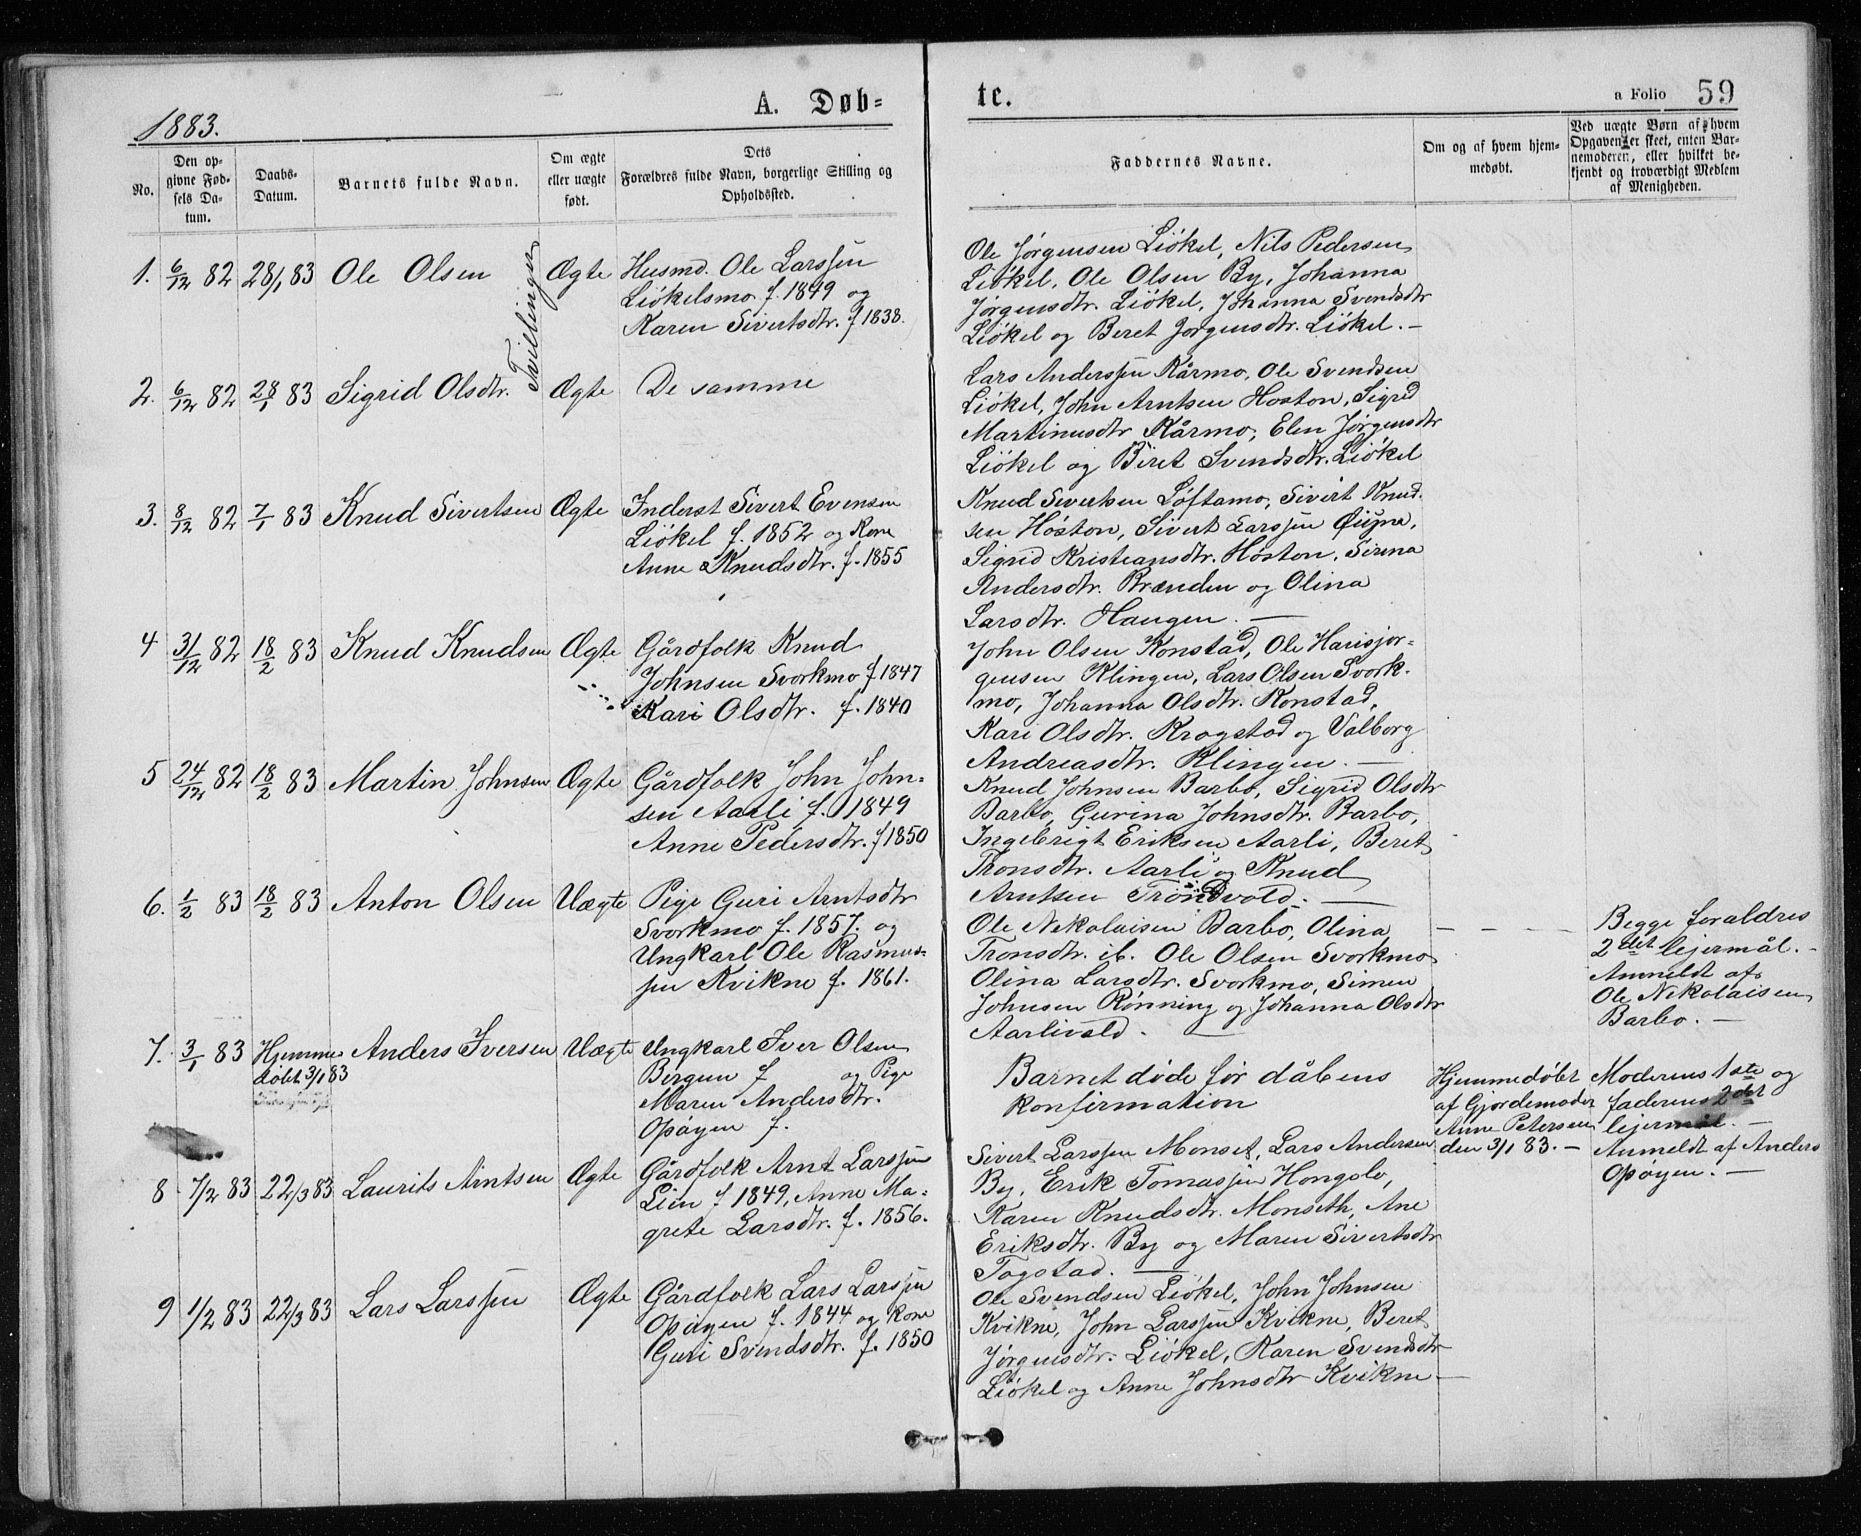 SAT, Ministerialprotokoller, klokkerbøker og fødselsregistre - Sør-Trøndelag, 671/L0843: Klokkerbok nr. 671C02, 1873-1892, s. 59